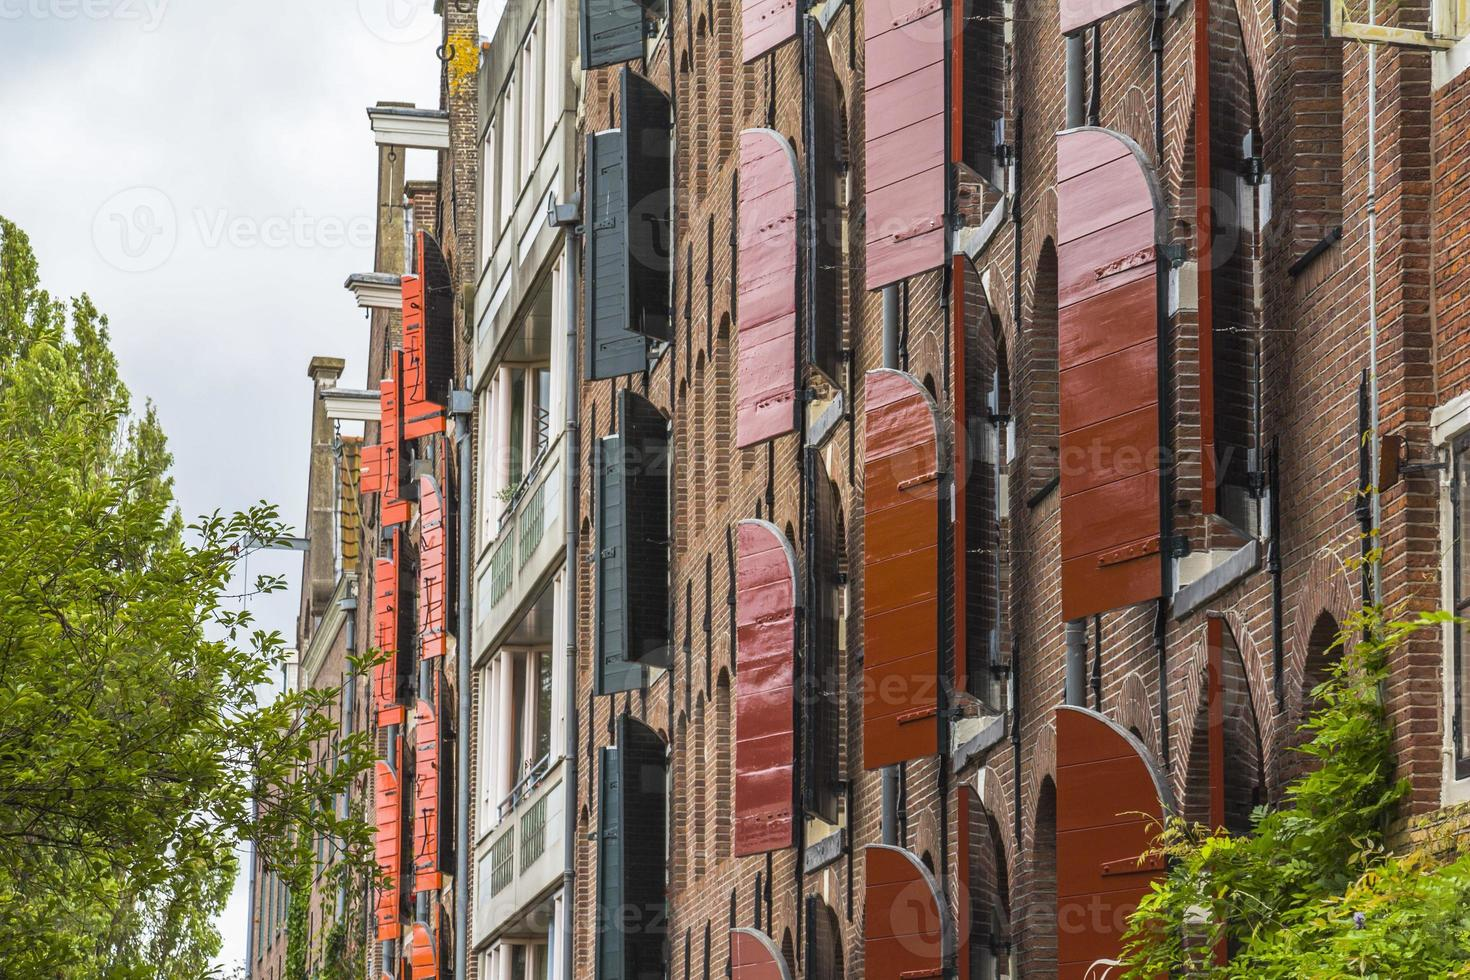 persianas de madeira em casas típicas de amsterdam foto